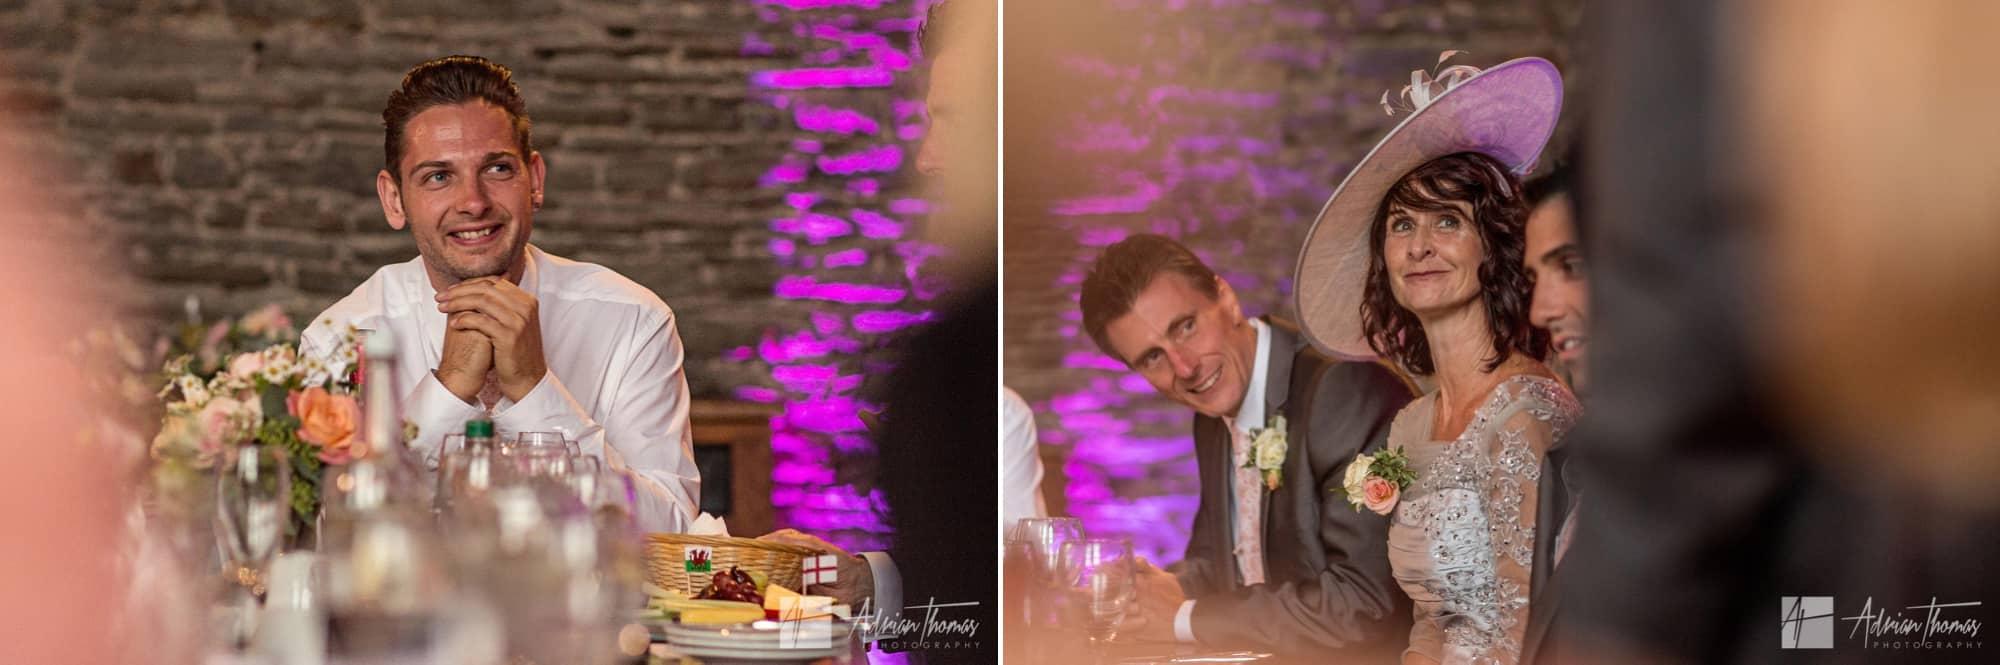 Best man smiling at speech.